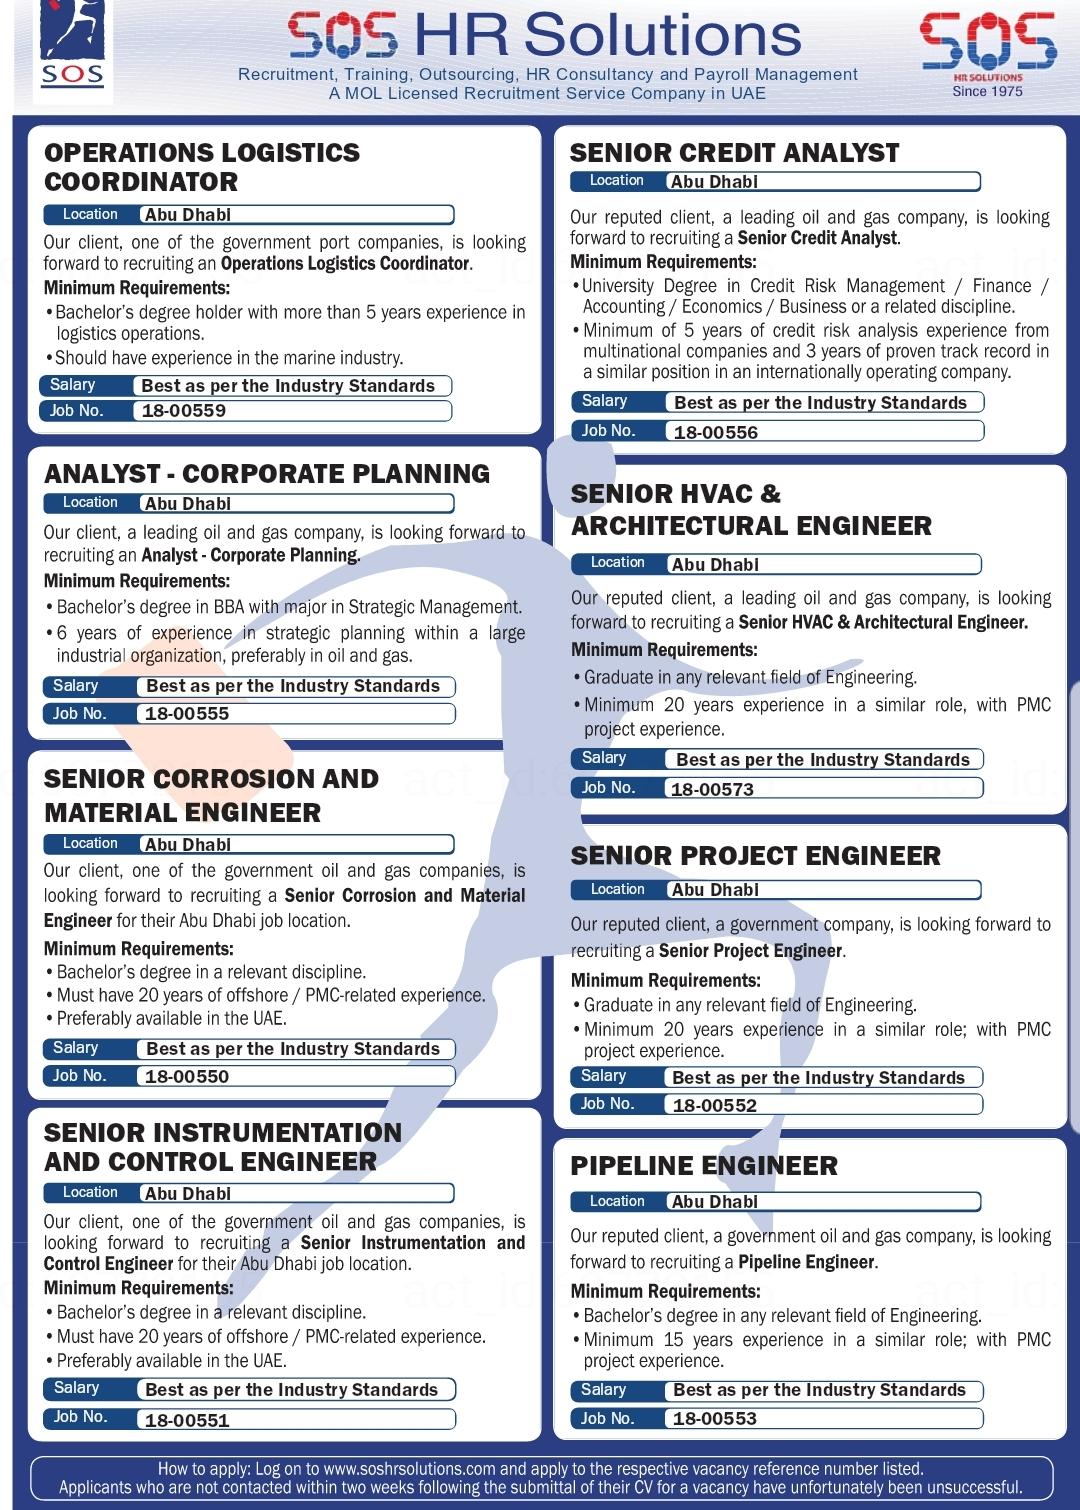 SOS HR Solution Recruiting Training HR Consultant UAE Local